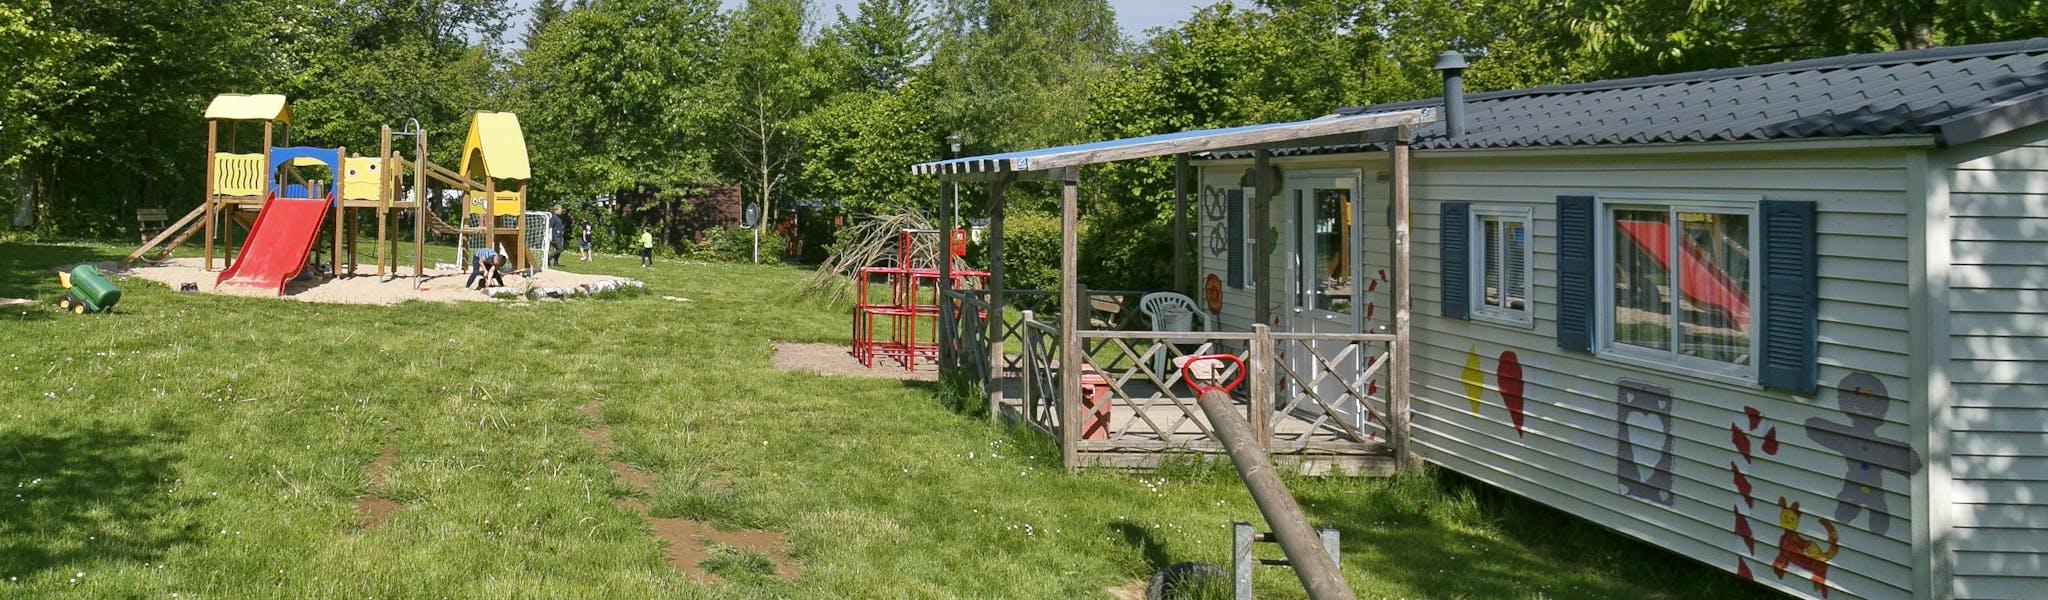 camping knaus Walkenried